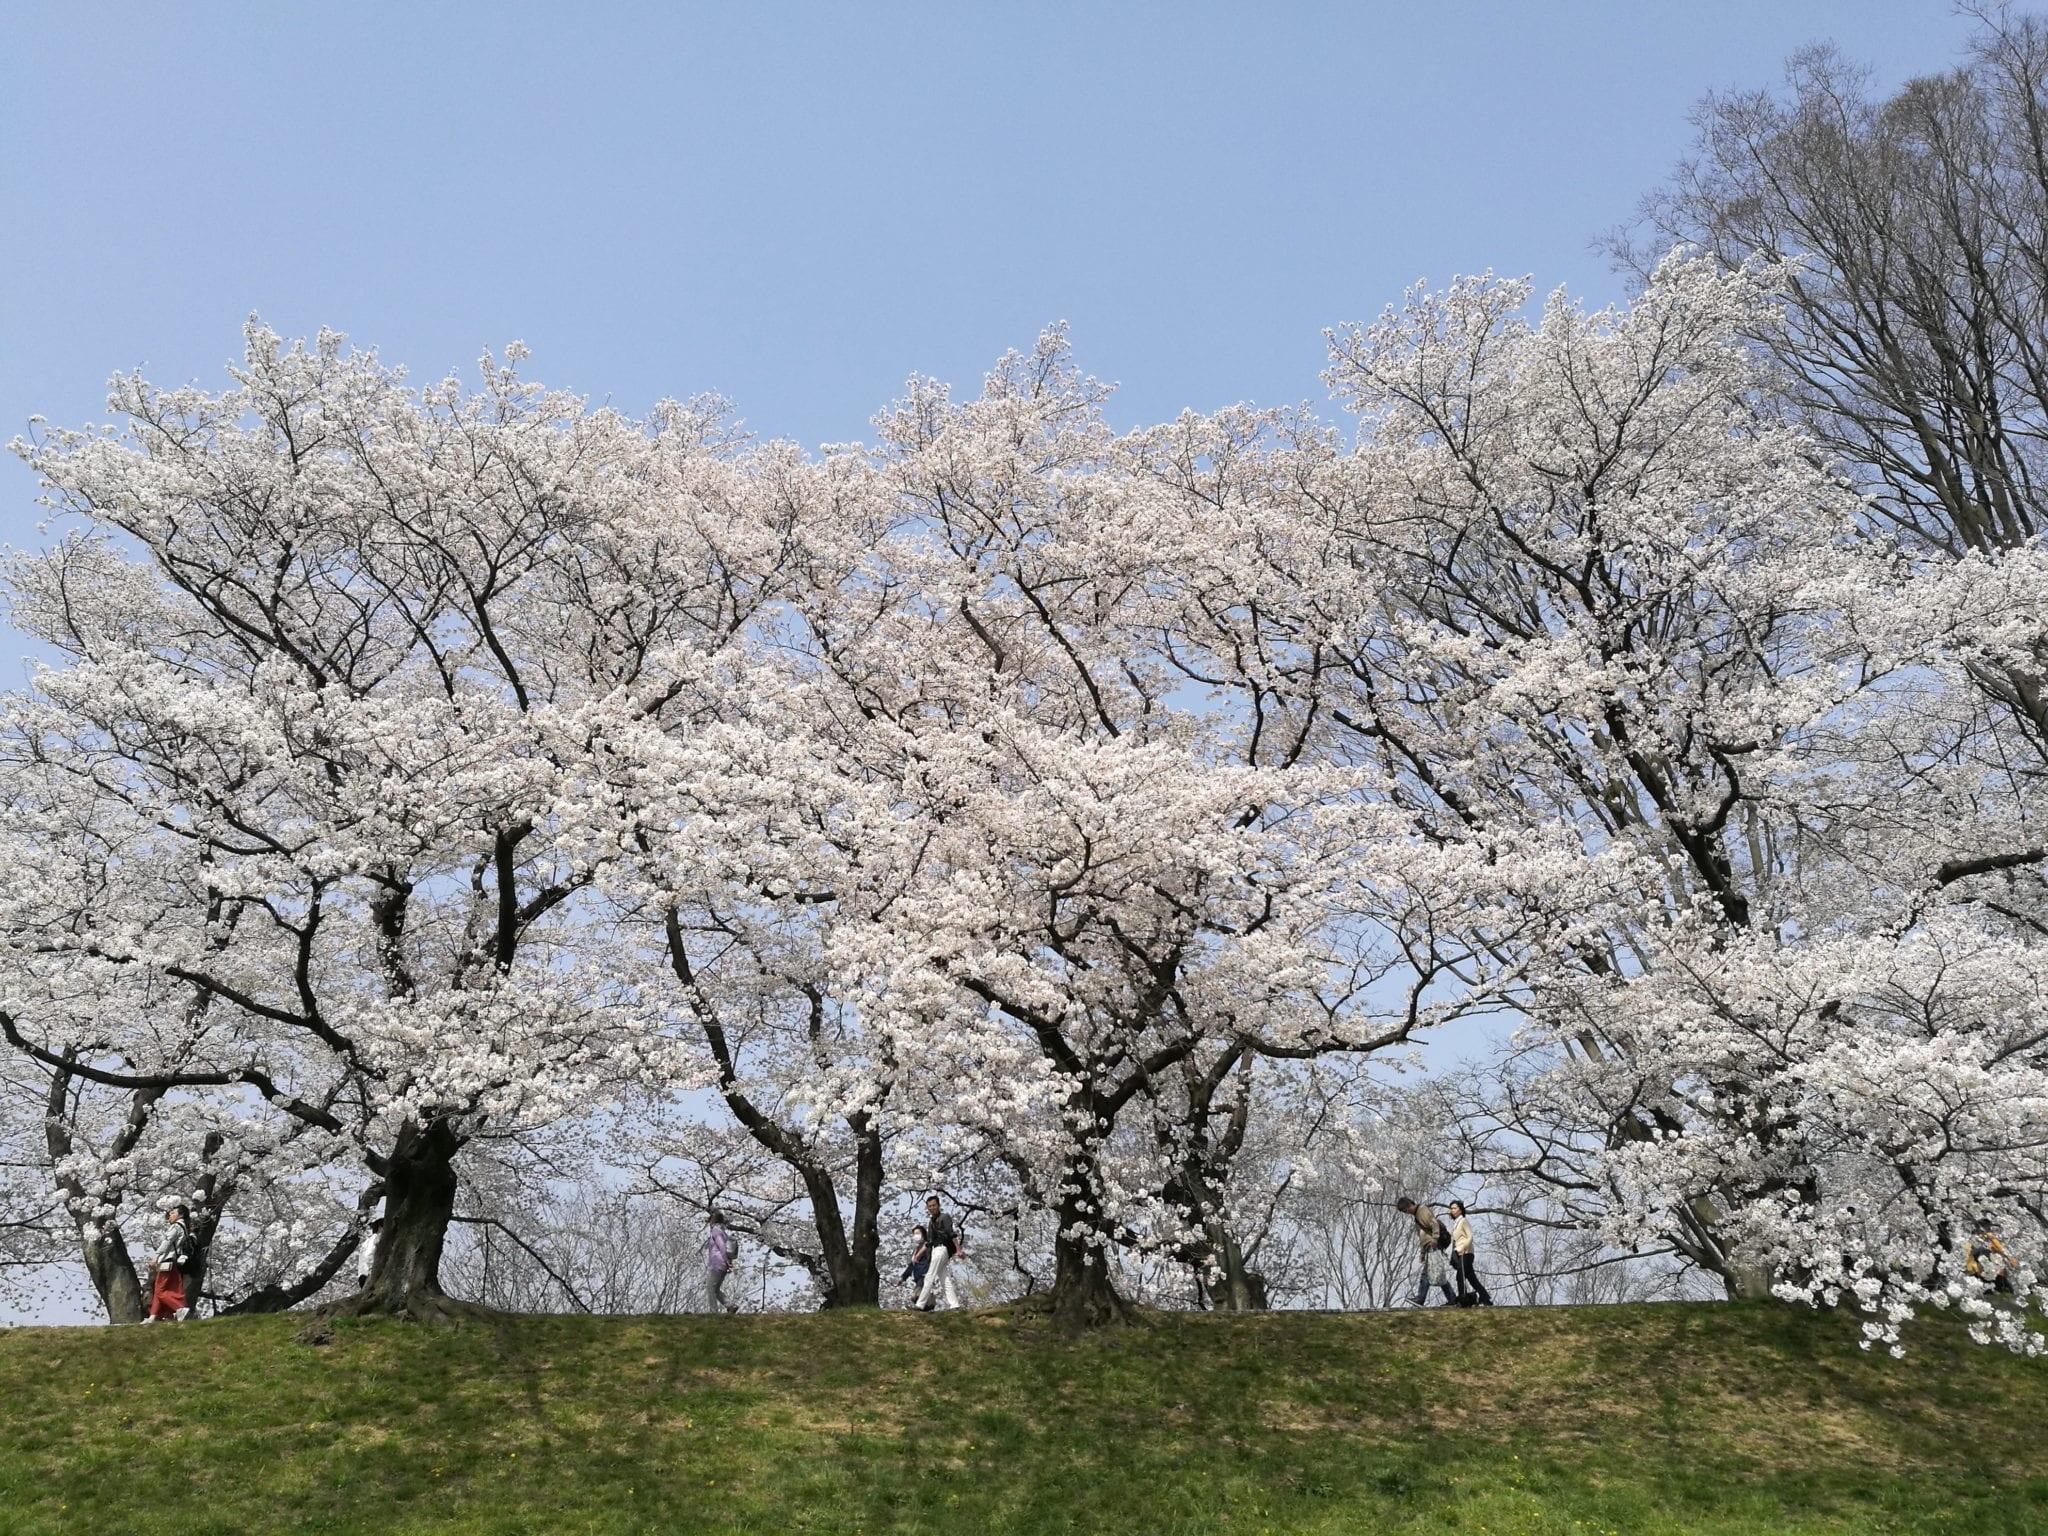 ซากุระ ญี่ปุ่น เที่ยวญี่ปุ่น เที่ยวโอซาก้า ที่เที่ยวเกียวโต